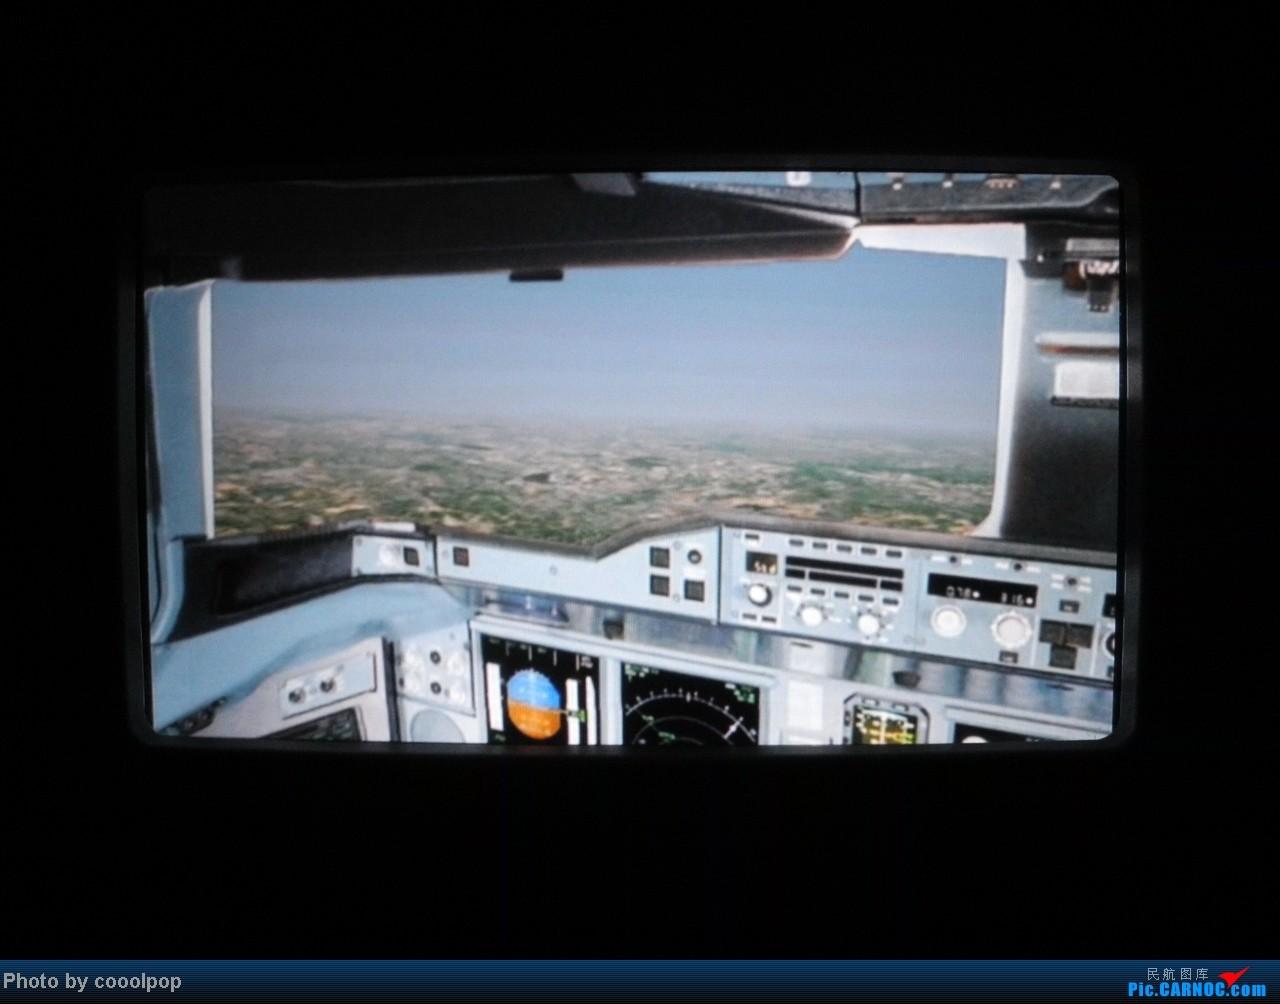 Re:[原创]继续继续! 巴黎凡尔赛宫!以及巴黎 经停 法兰克福 回北京!! 继续我的汉莎之旅!(2014年第5帖) A380-800 D-AIMG